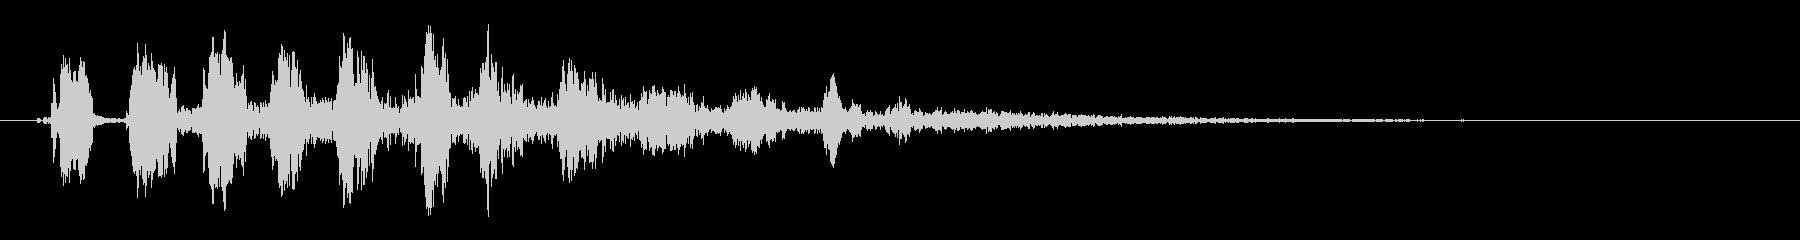 ラット・チャープ、残響の未再生の波形